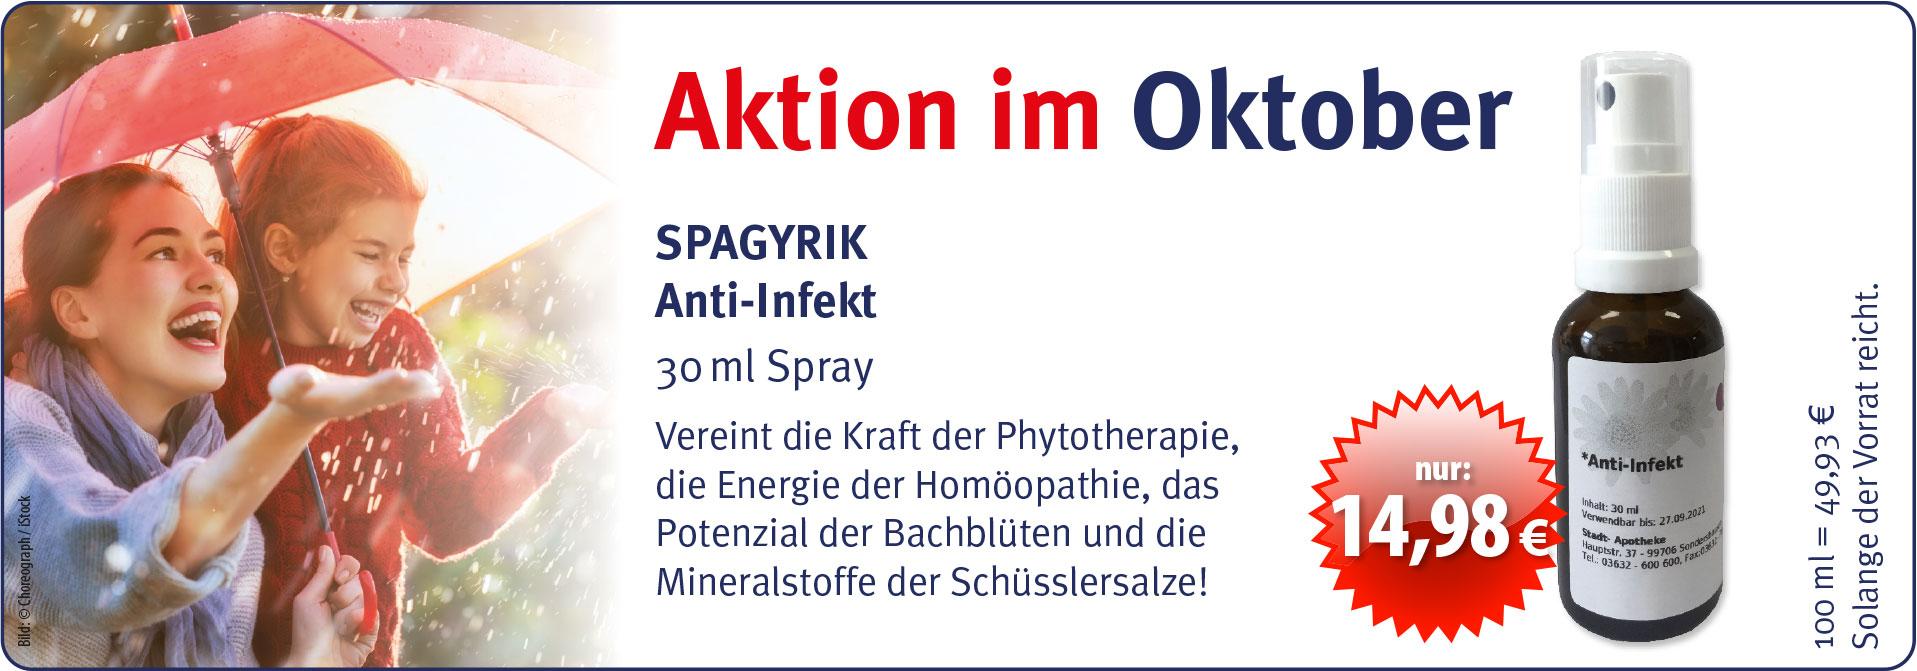 Aktion1